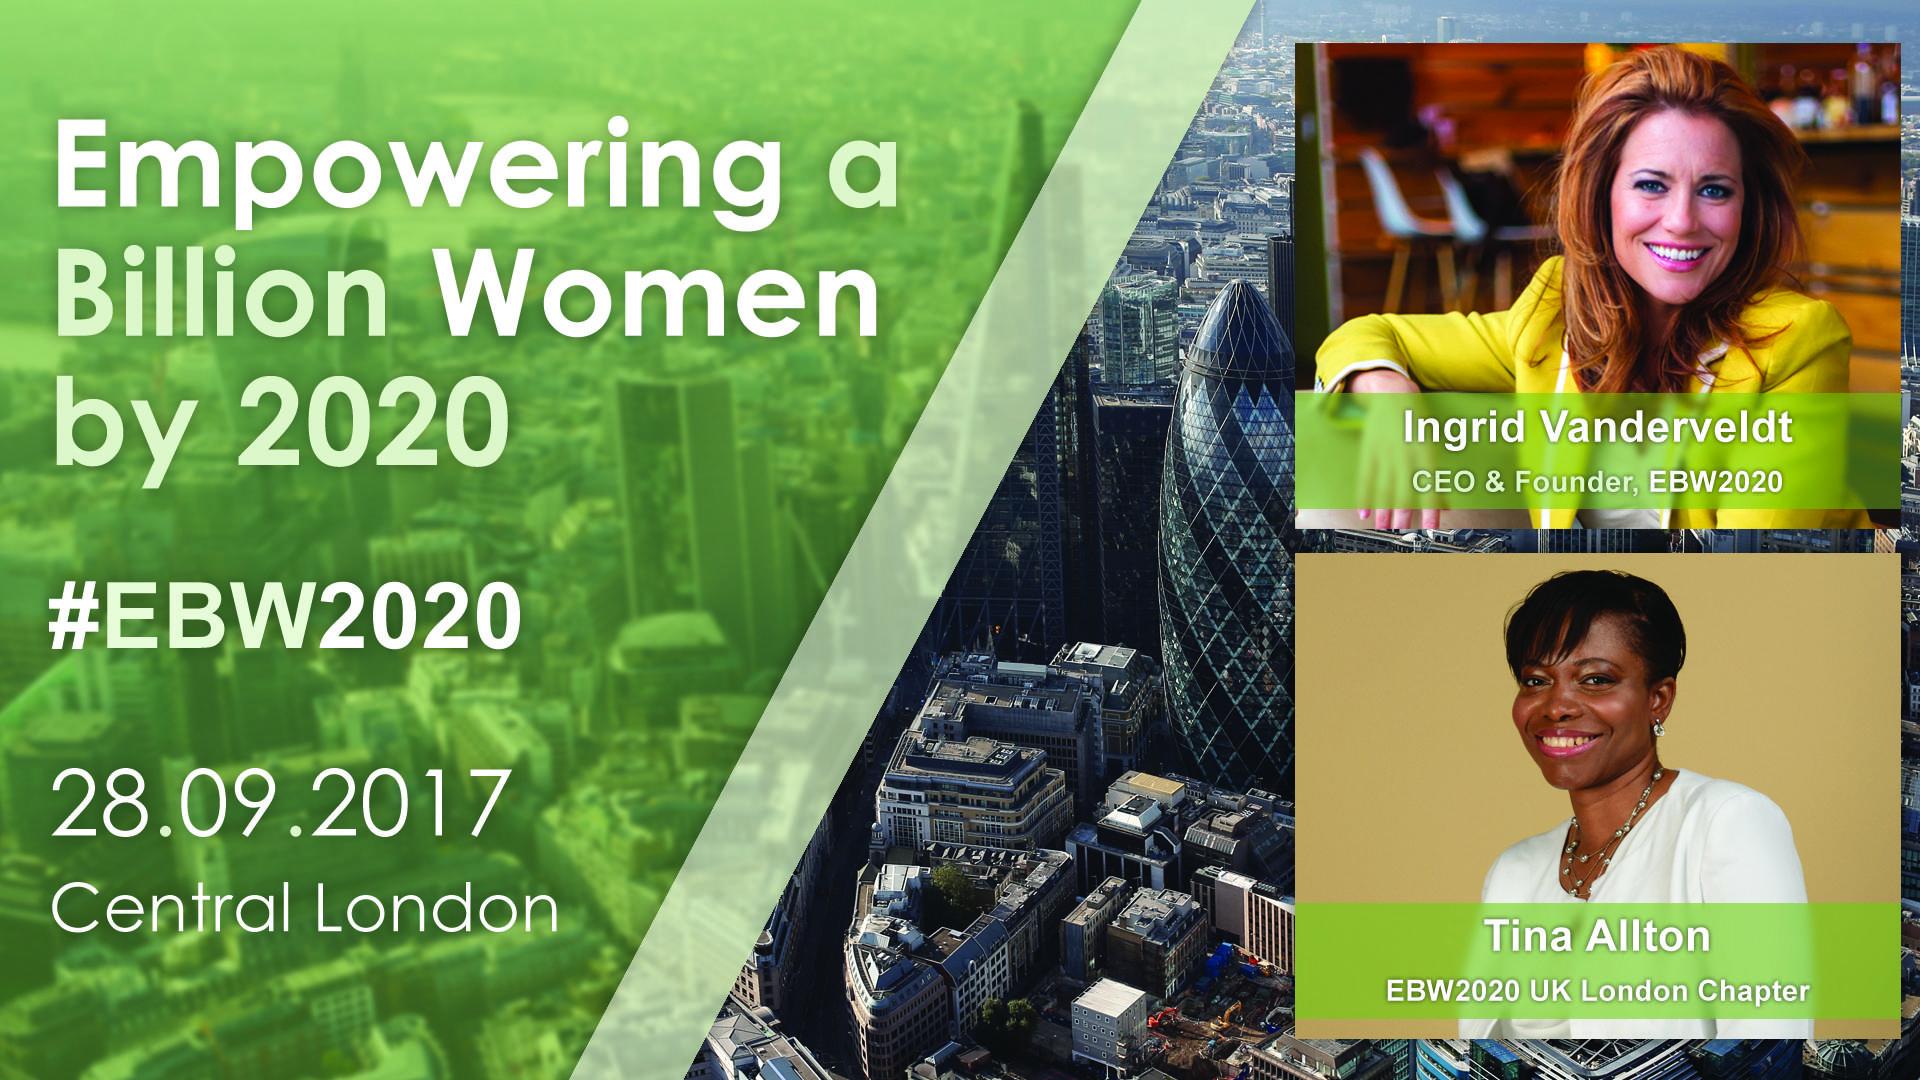 EBW2020 - UK London Launch Celebration. 28.09.17   Blacknet UK